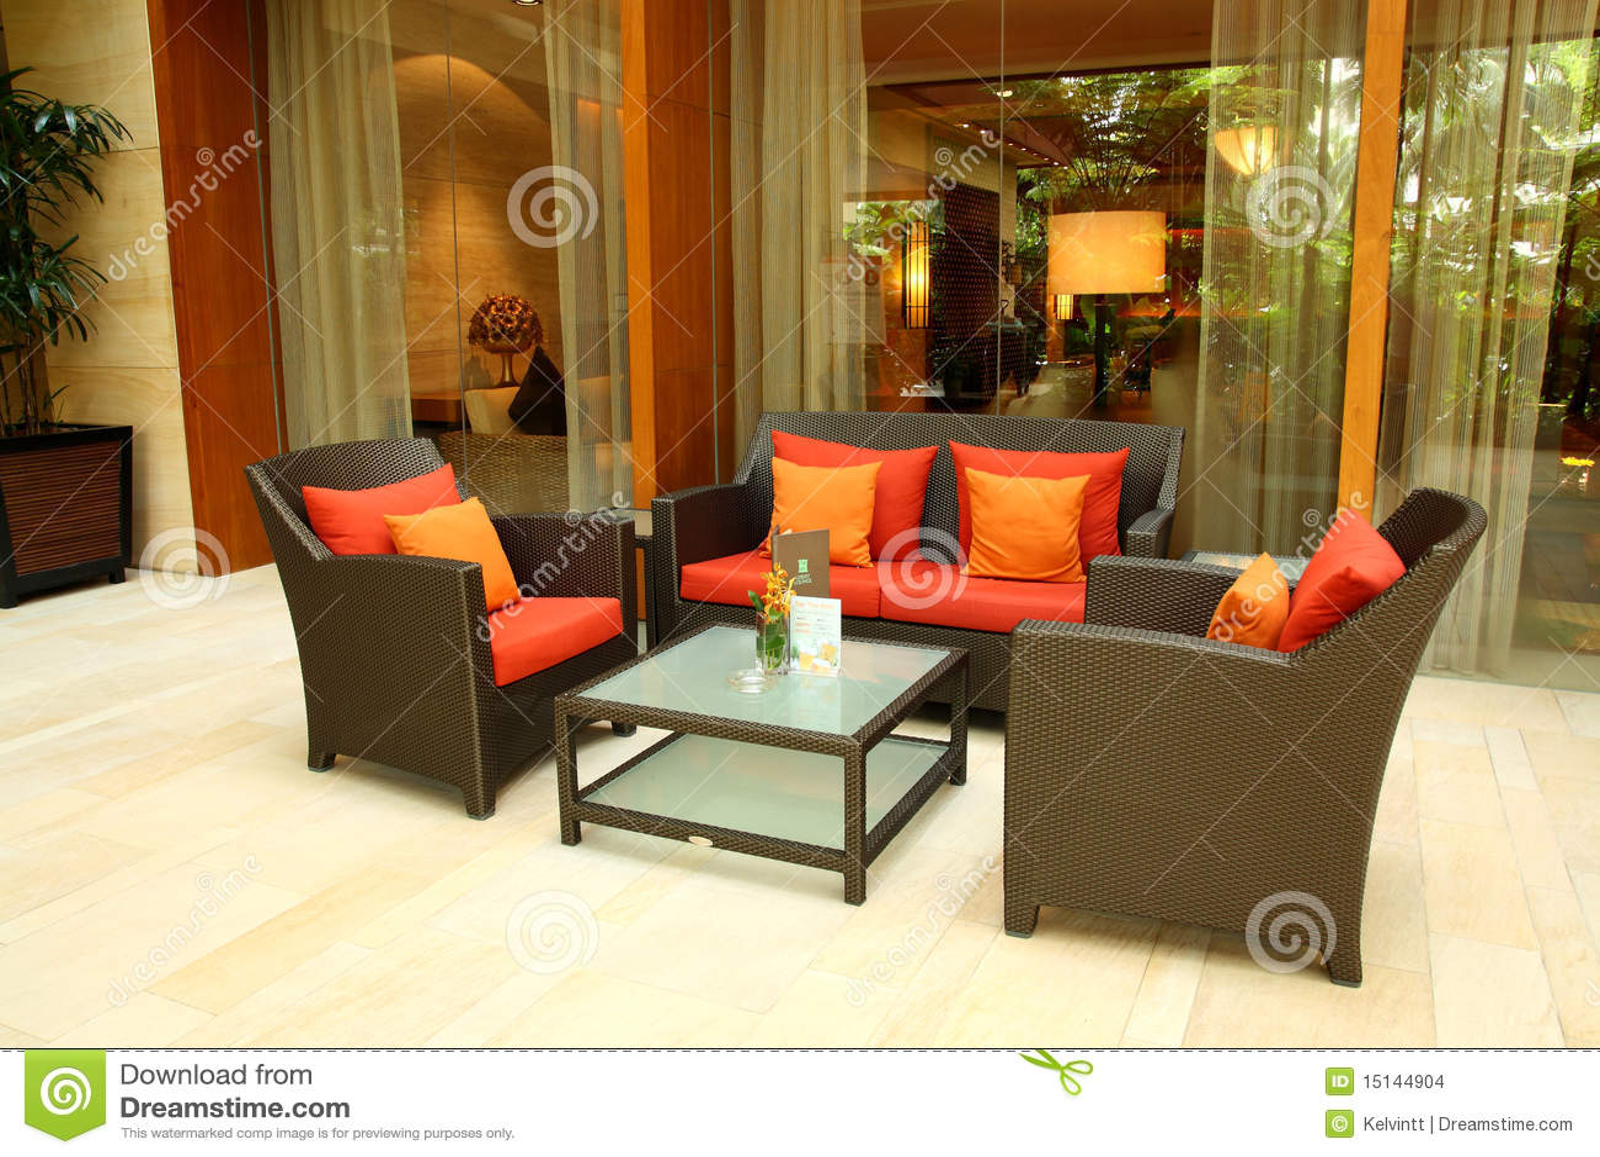 De zitkamer en de hal van het hotel stock afbeeldingen afbeelding 15144904 for Decor ingang